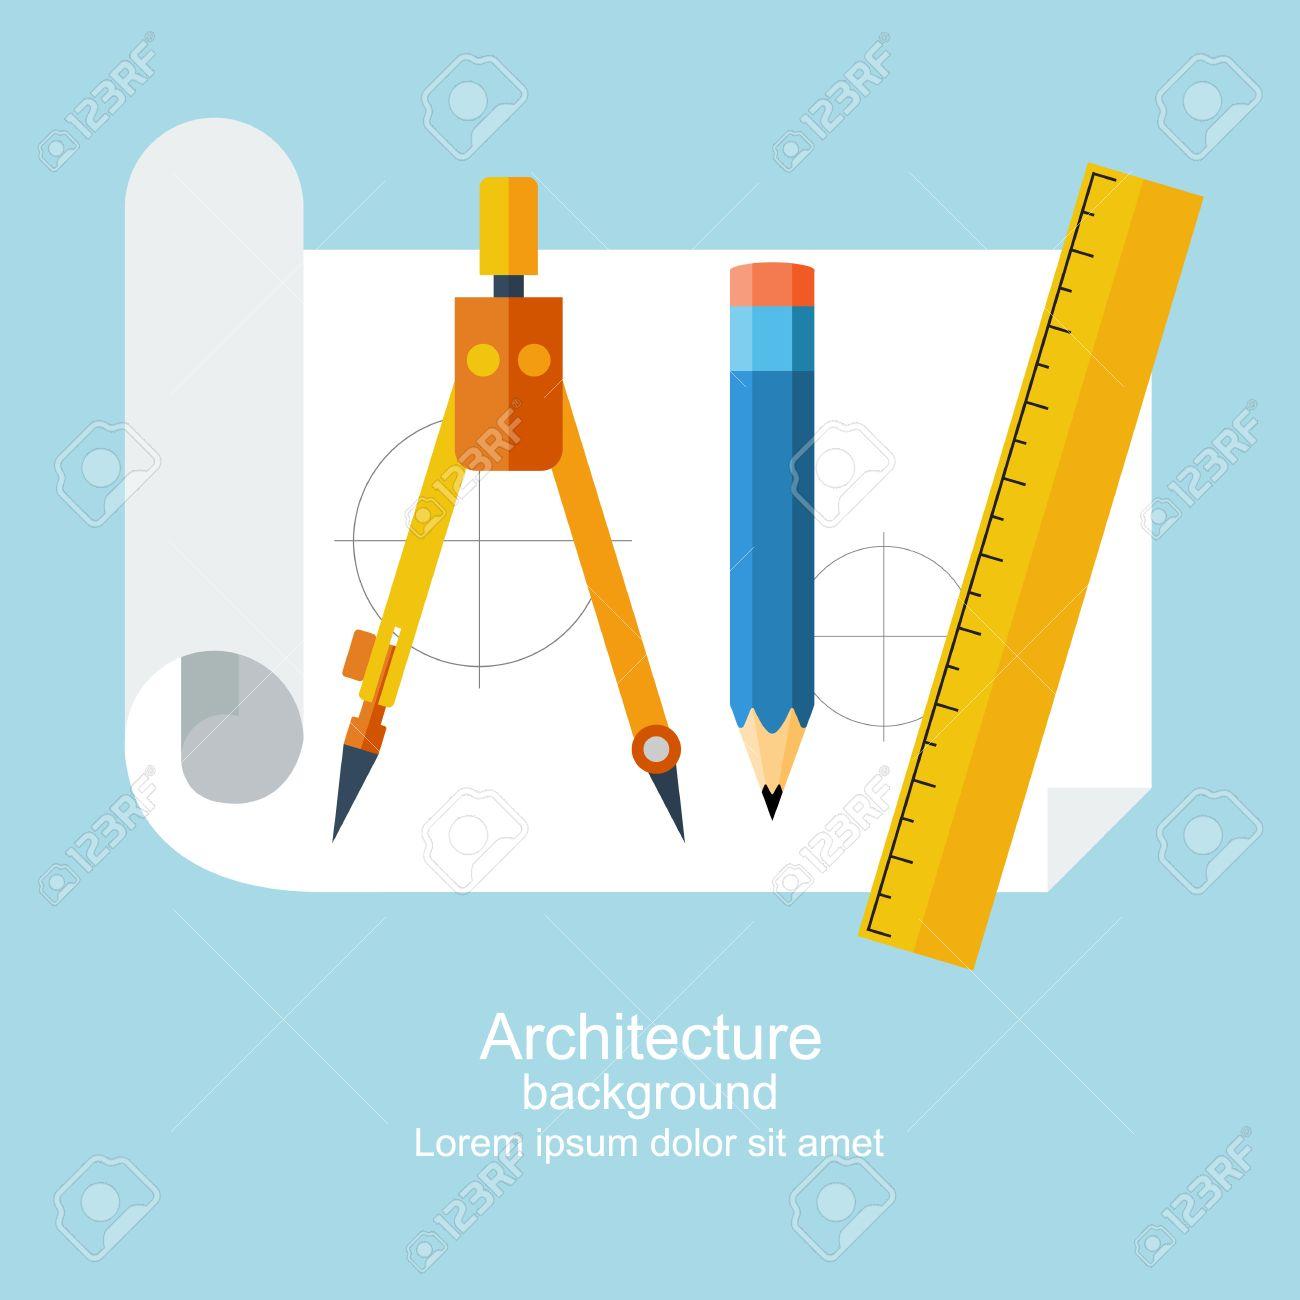 Zeichenwerkzeuge. Architektur, Design, Gebäude, Planung. Kann Für ...